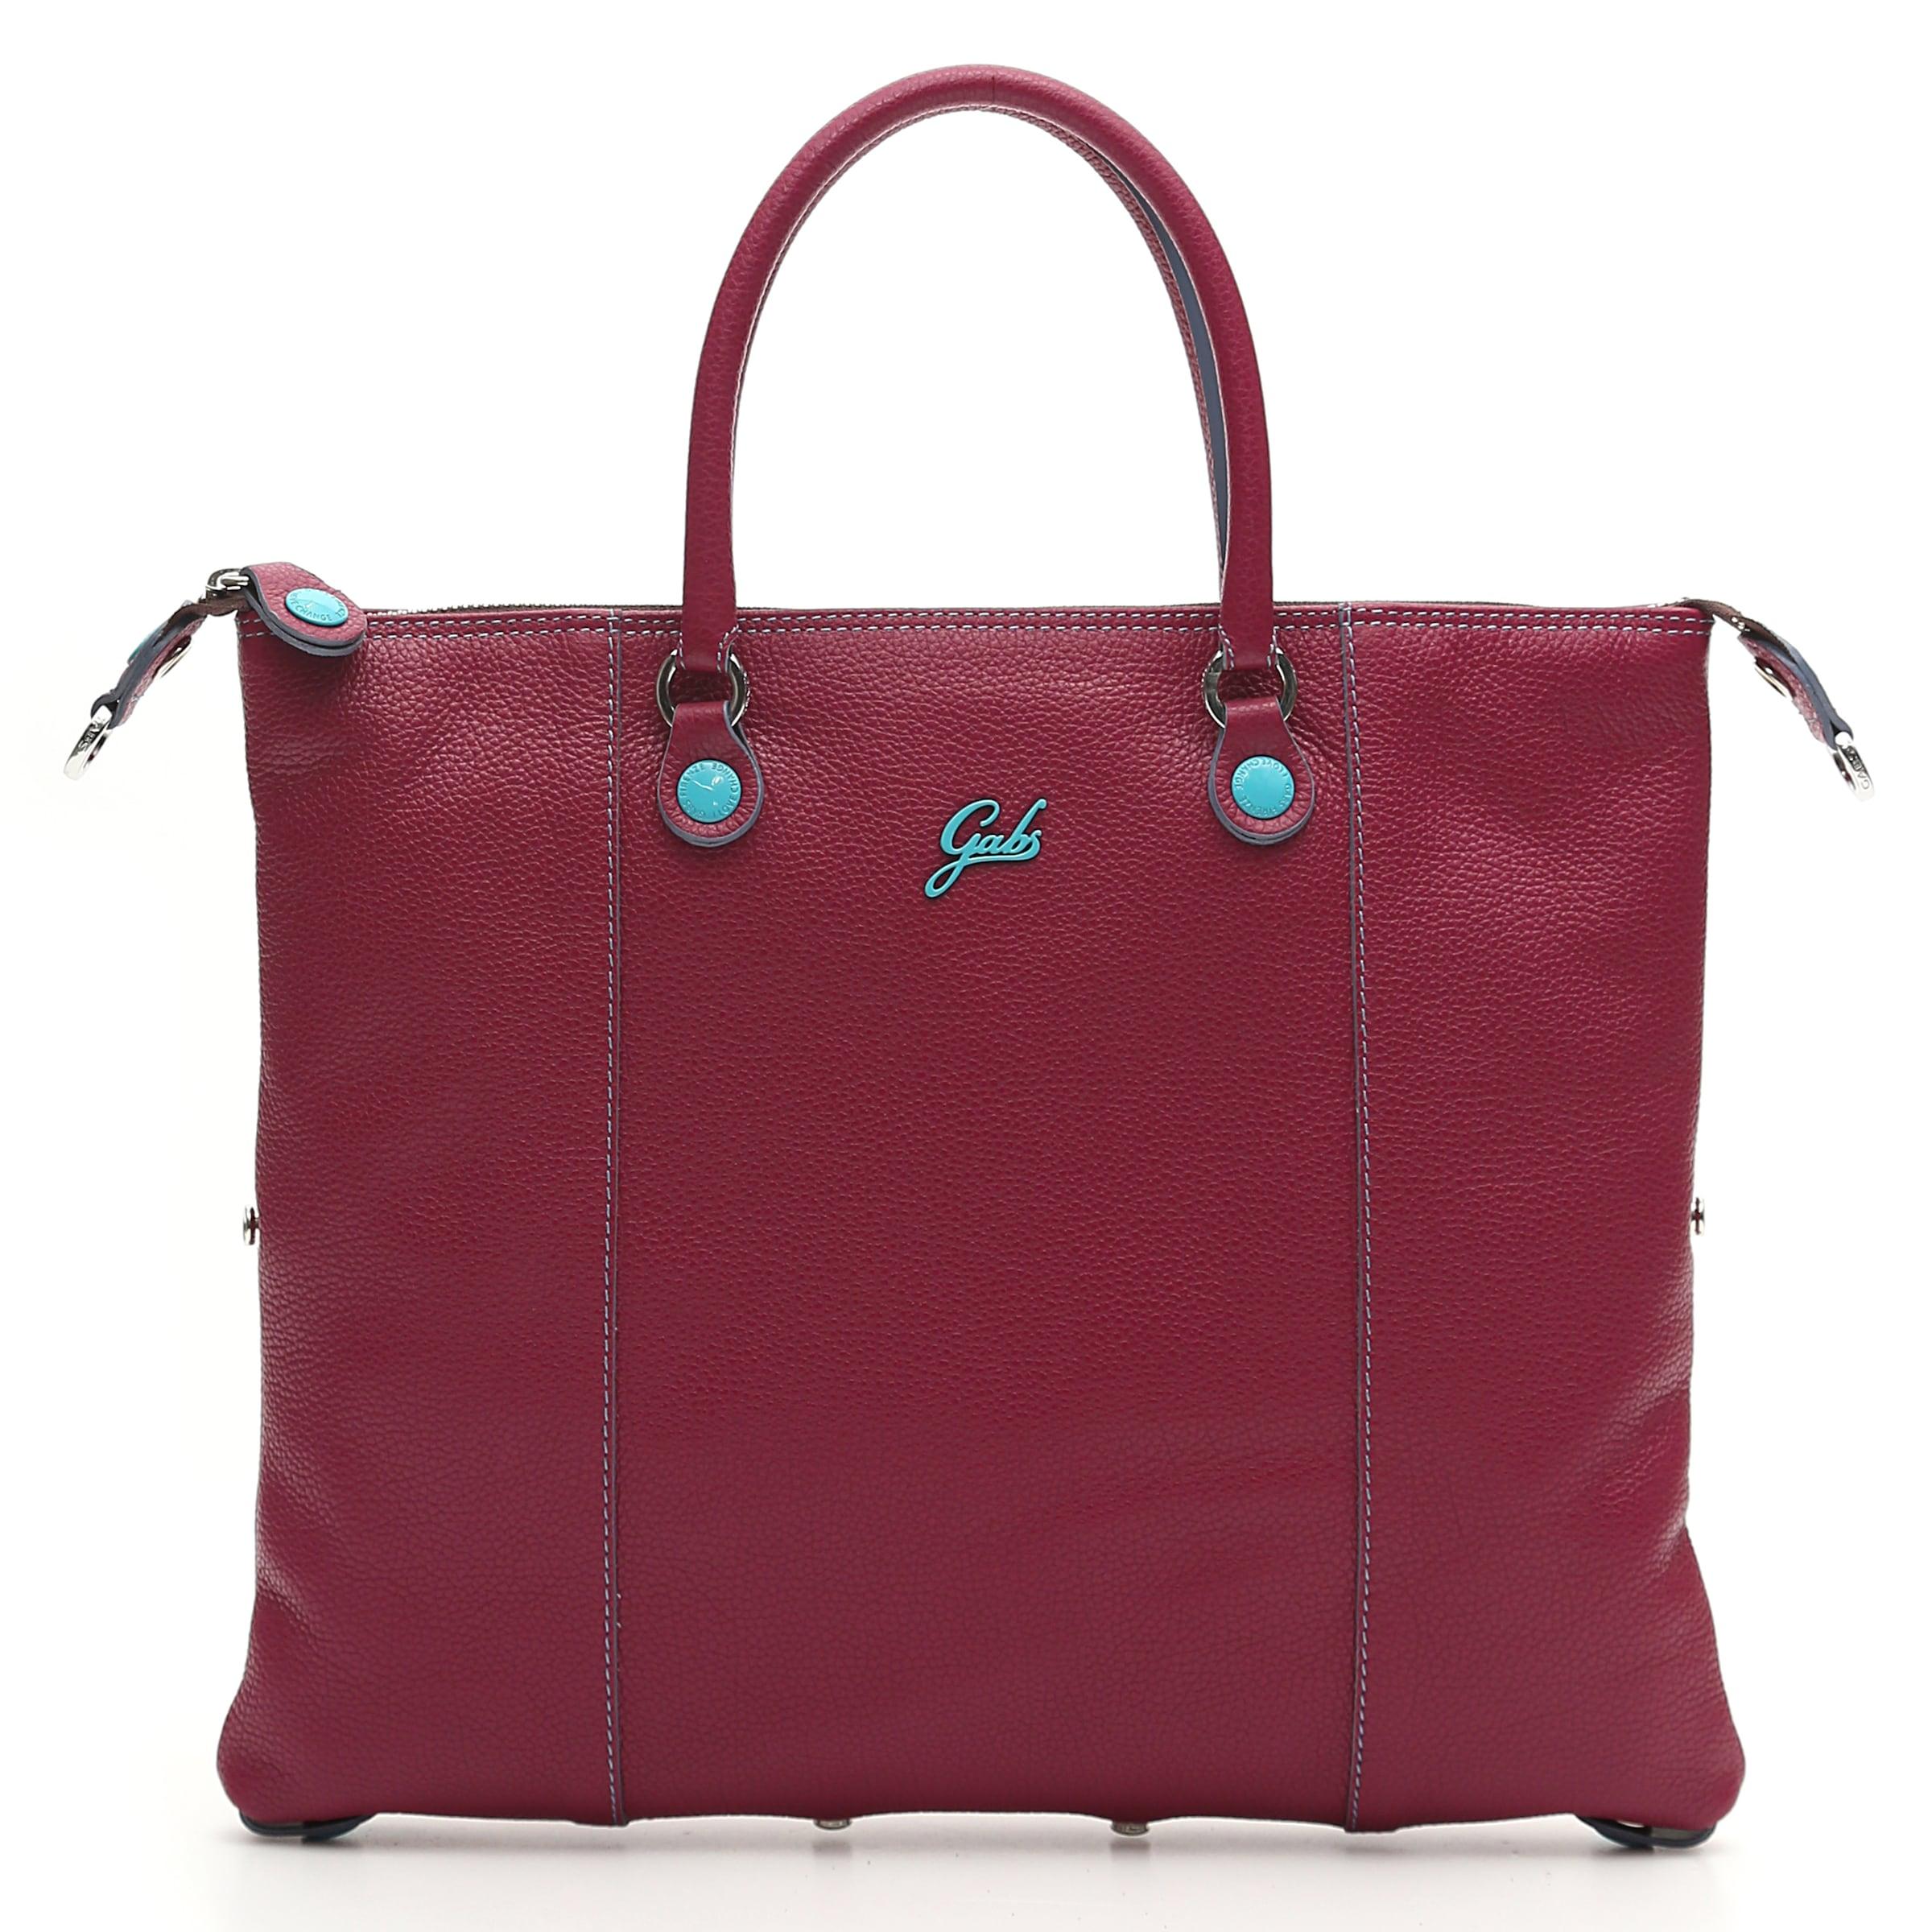 In Handtasche Himbeer In Himbeer Gabs Handtasche 'g3' Gabs Handtasche 'g3' 'g3' Gabs 43cAqjR5L